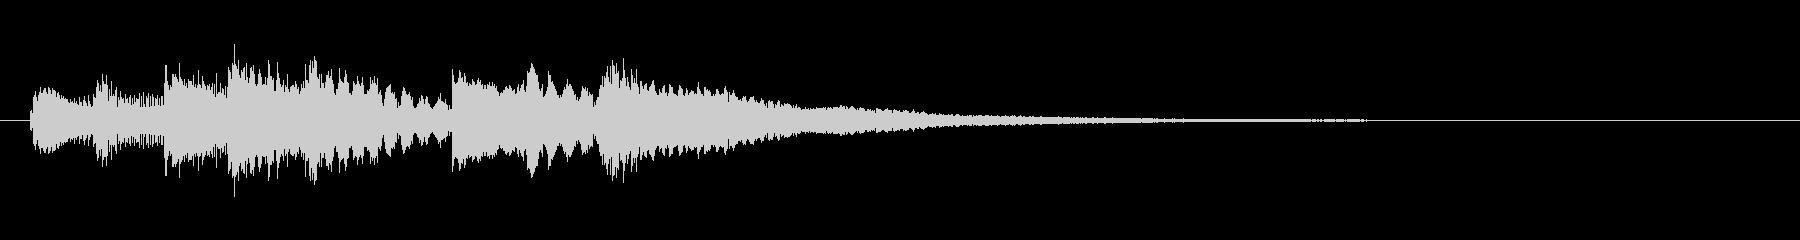 シタール遷移の未再生の波形